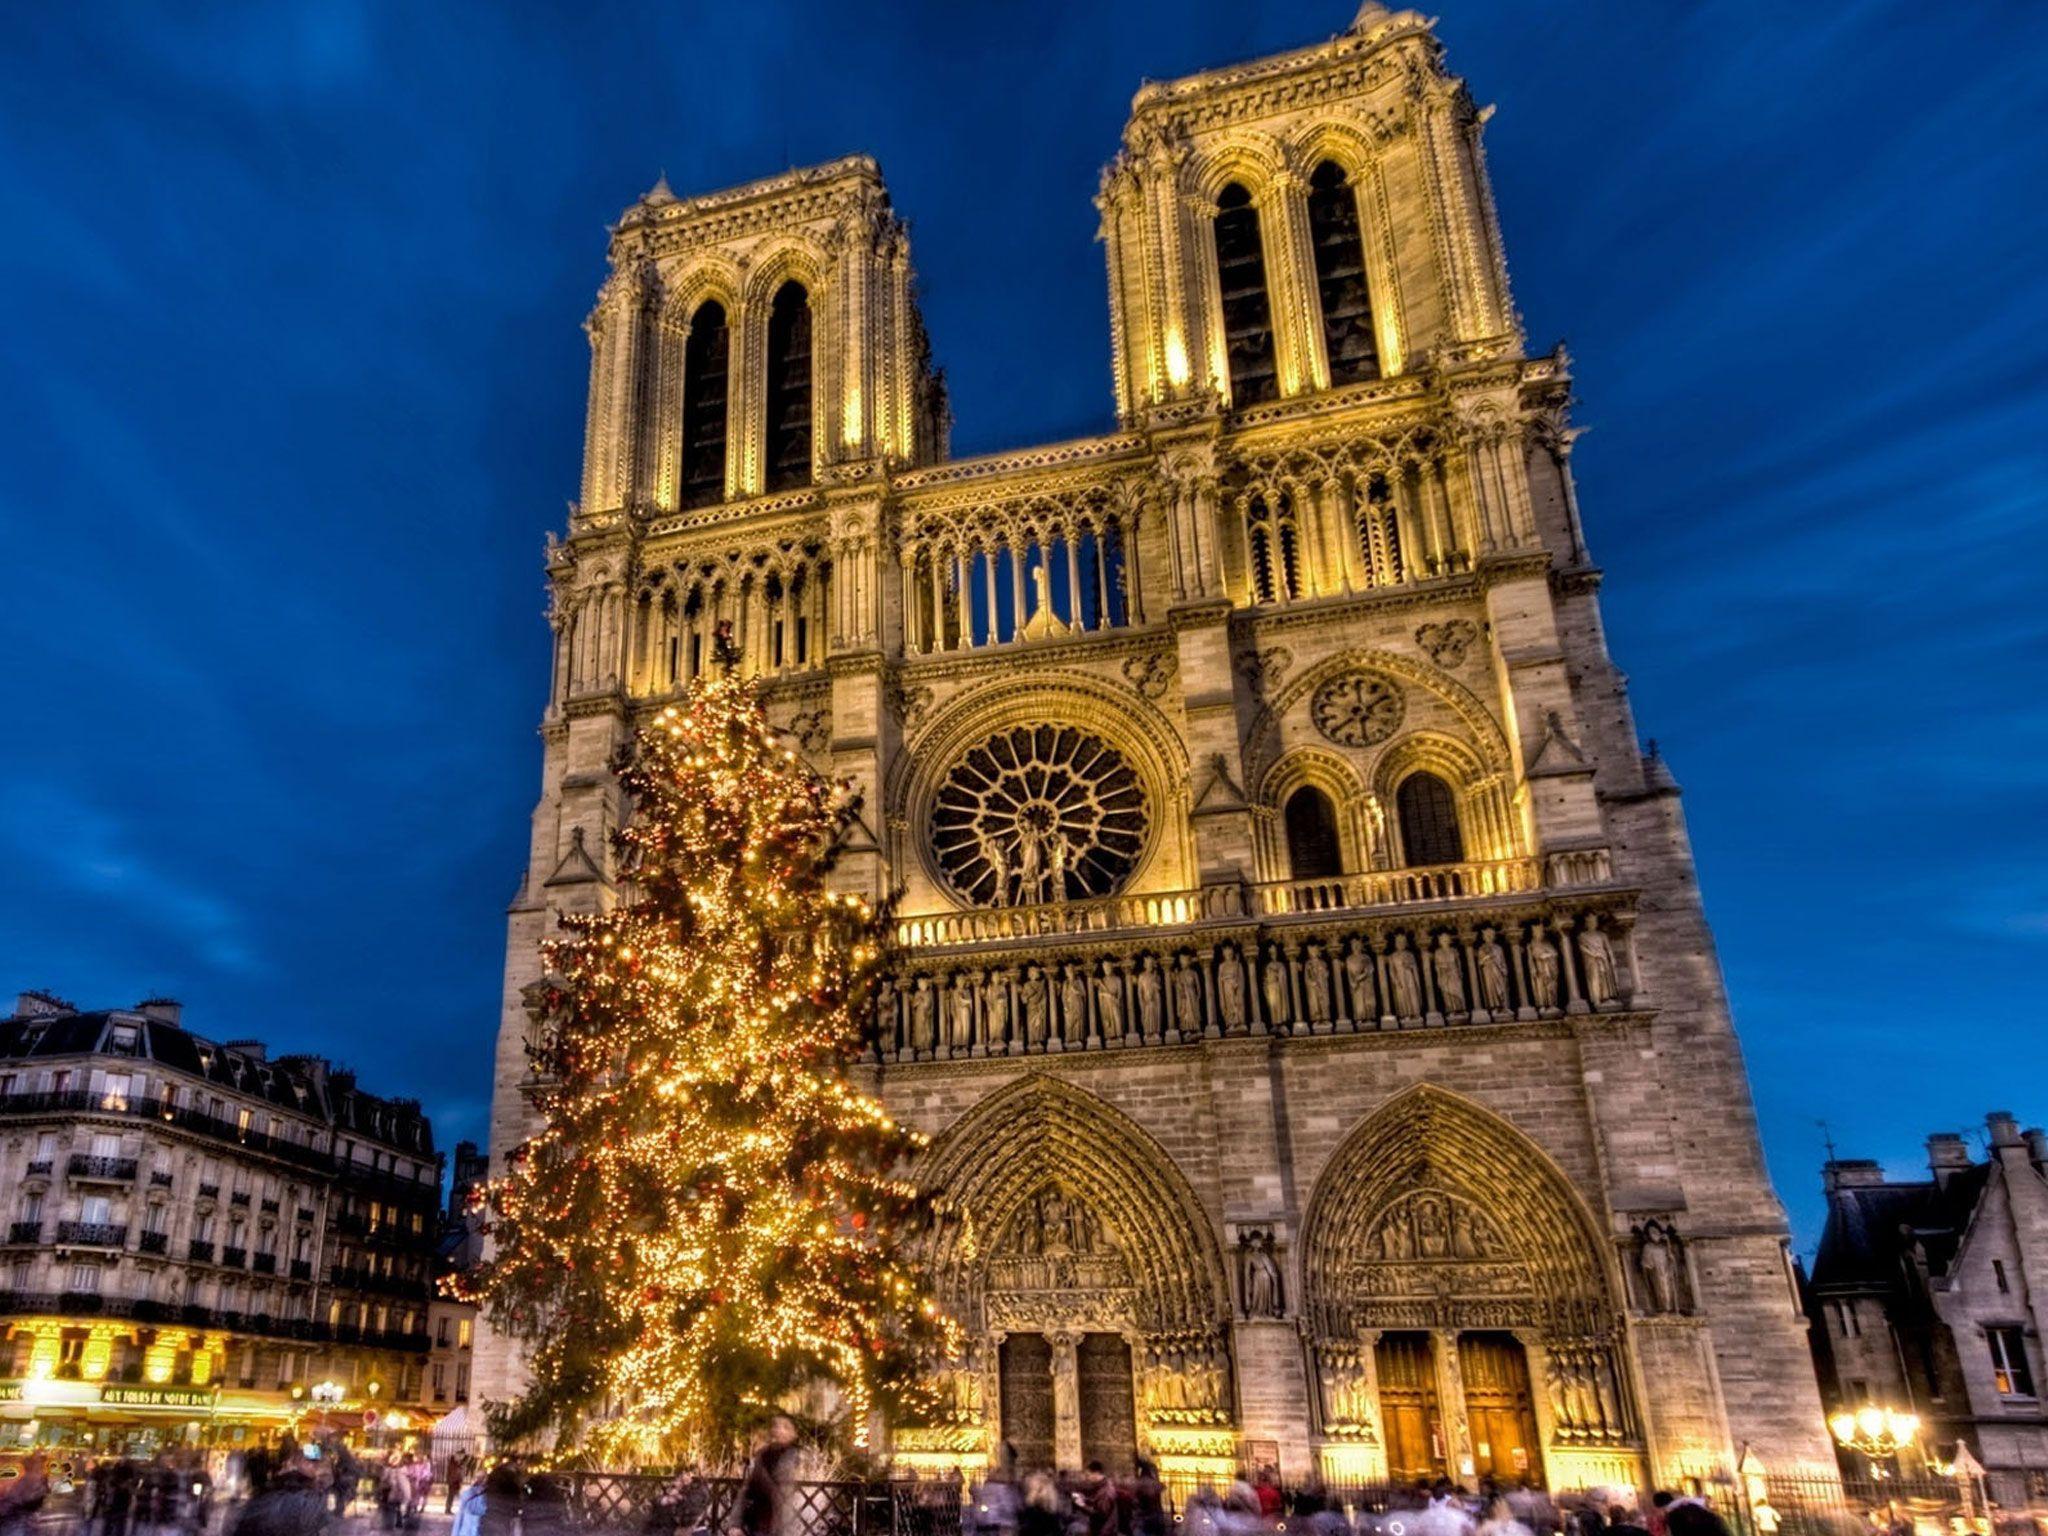 Desktop Backgrounds Paris Notre Dame - Wallpaper Cave